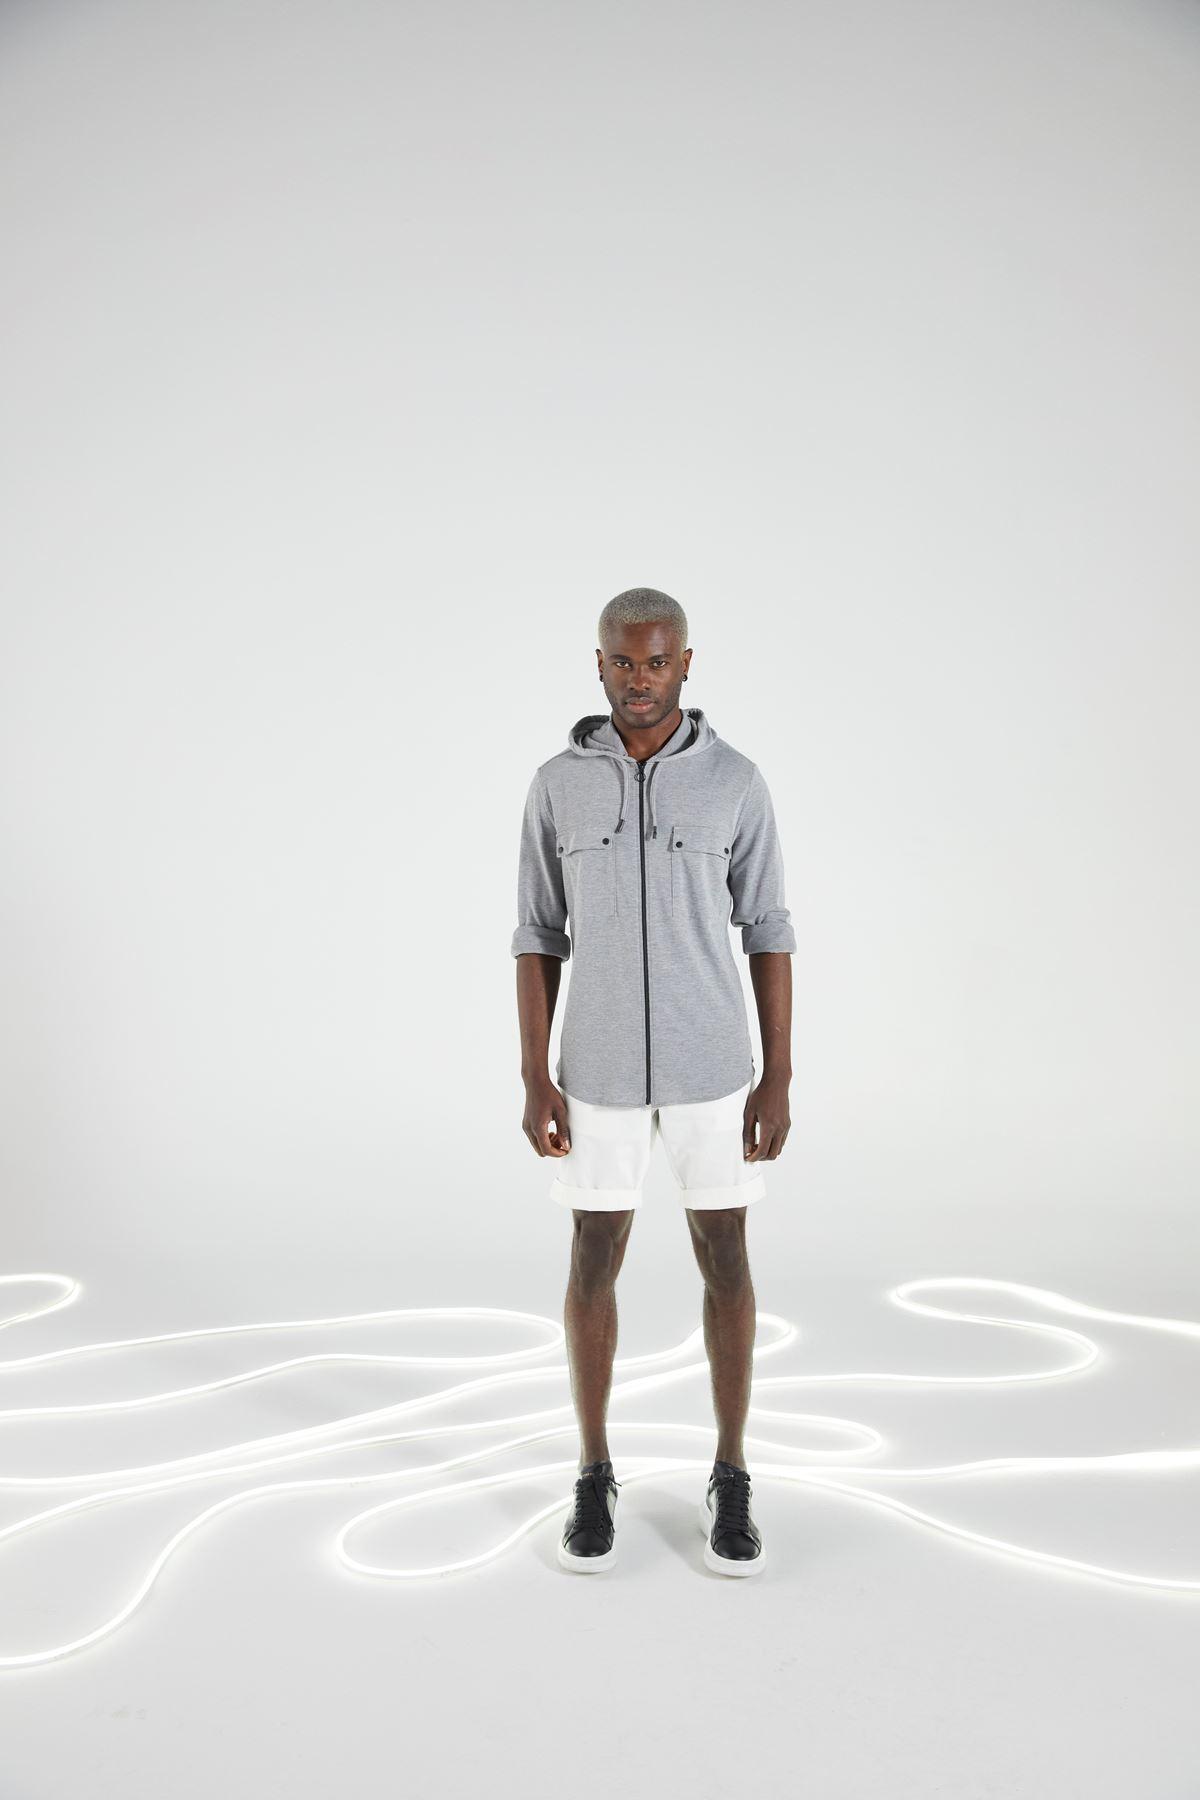 Gri Kapüşonlu Fermuarlı Spor Gömlek